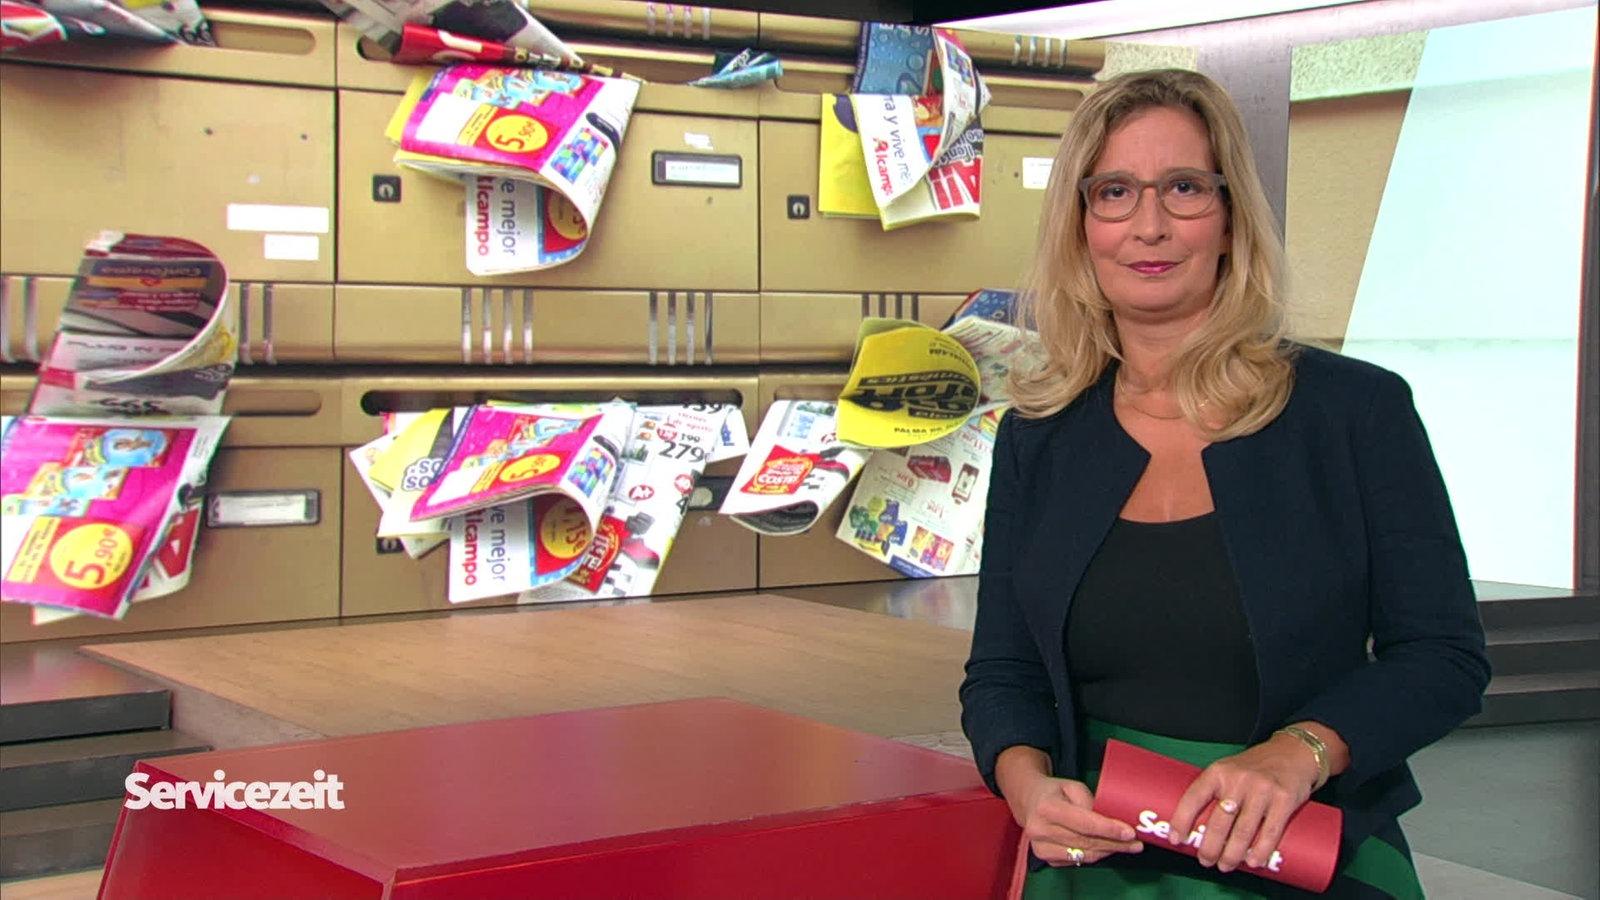 Mediathek Wdr Fernsehen